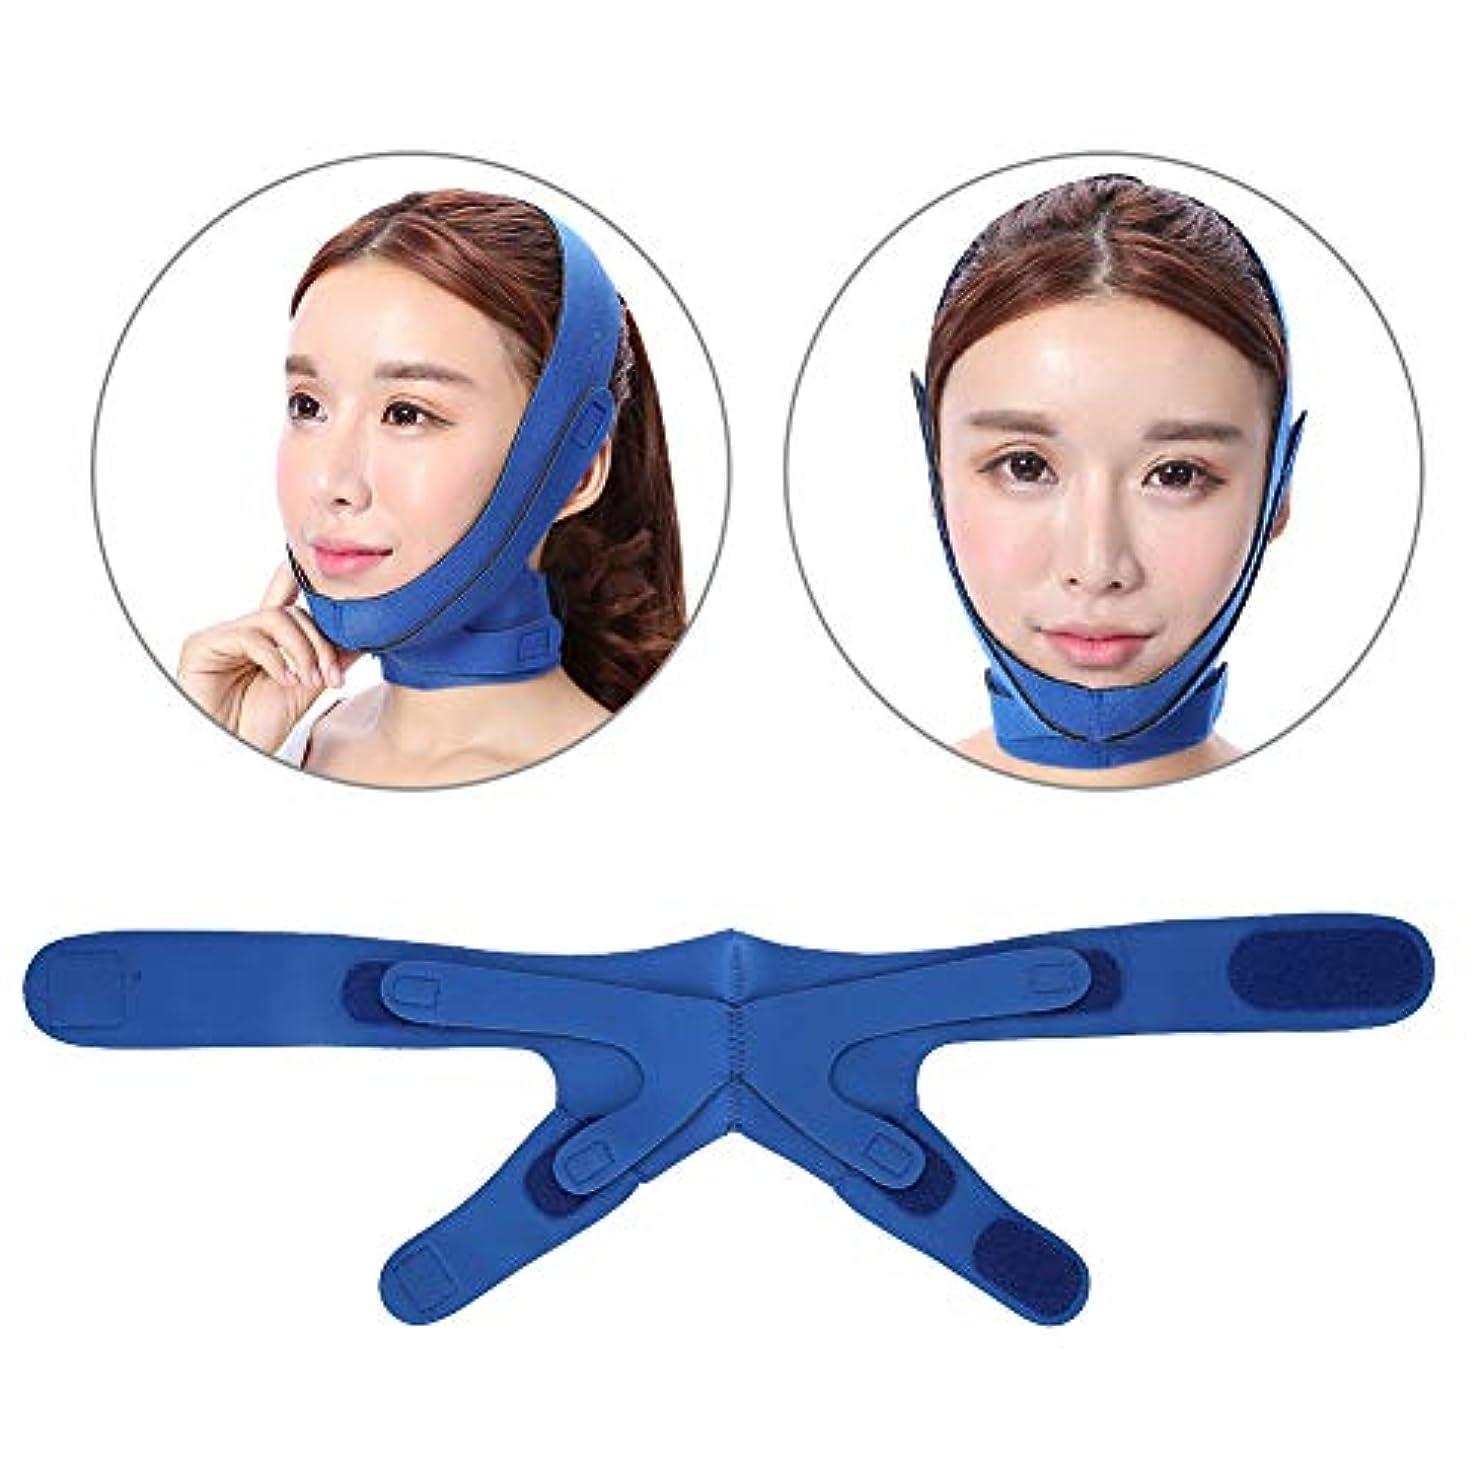 応答肉腫フェードVラインバンド首の圧縮の表面、反二重あごの 引き締まった肌の革紐の調節可能な引き締めの表面スキンケアの持ち上がる覆いのための持ち上がる表面ベルトの顔の細くのあごのマスク